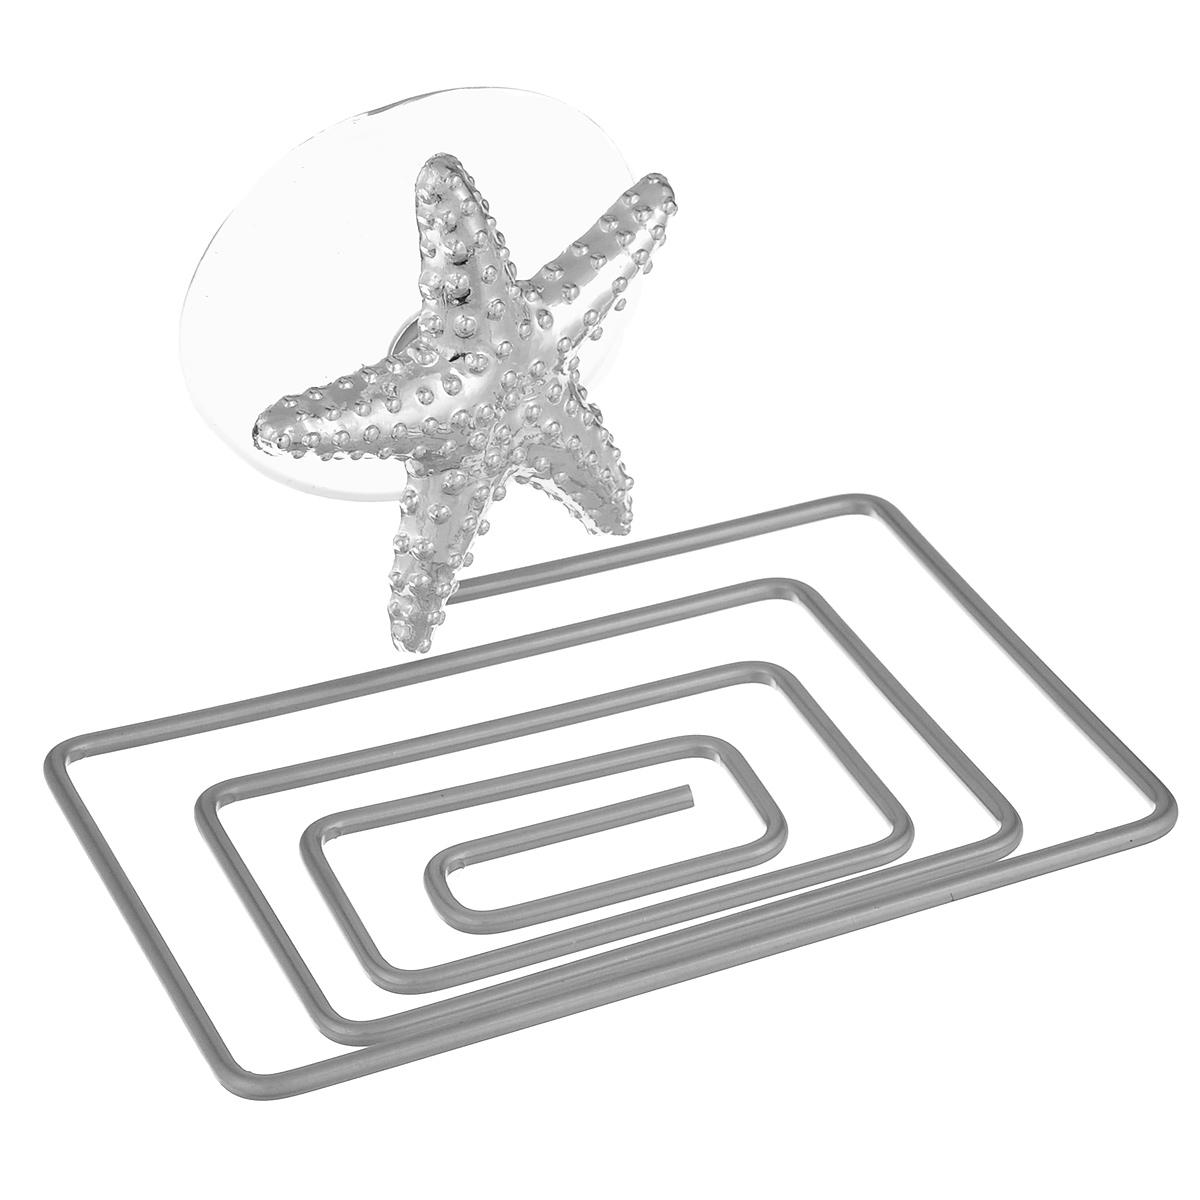 Мыльница Home Queen Морская звезда, цвет: серебристый, 12 х 9 х 9 см68/2/3Мыльница Home Queen Морская звезда выполнена из хромированной стали и украшена пластиковой фигуркой. Крепится к стене при помощи присоски. Такая мыльница прекрасно подойдет для ванной комнаты или кухни.